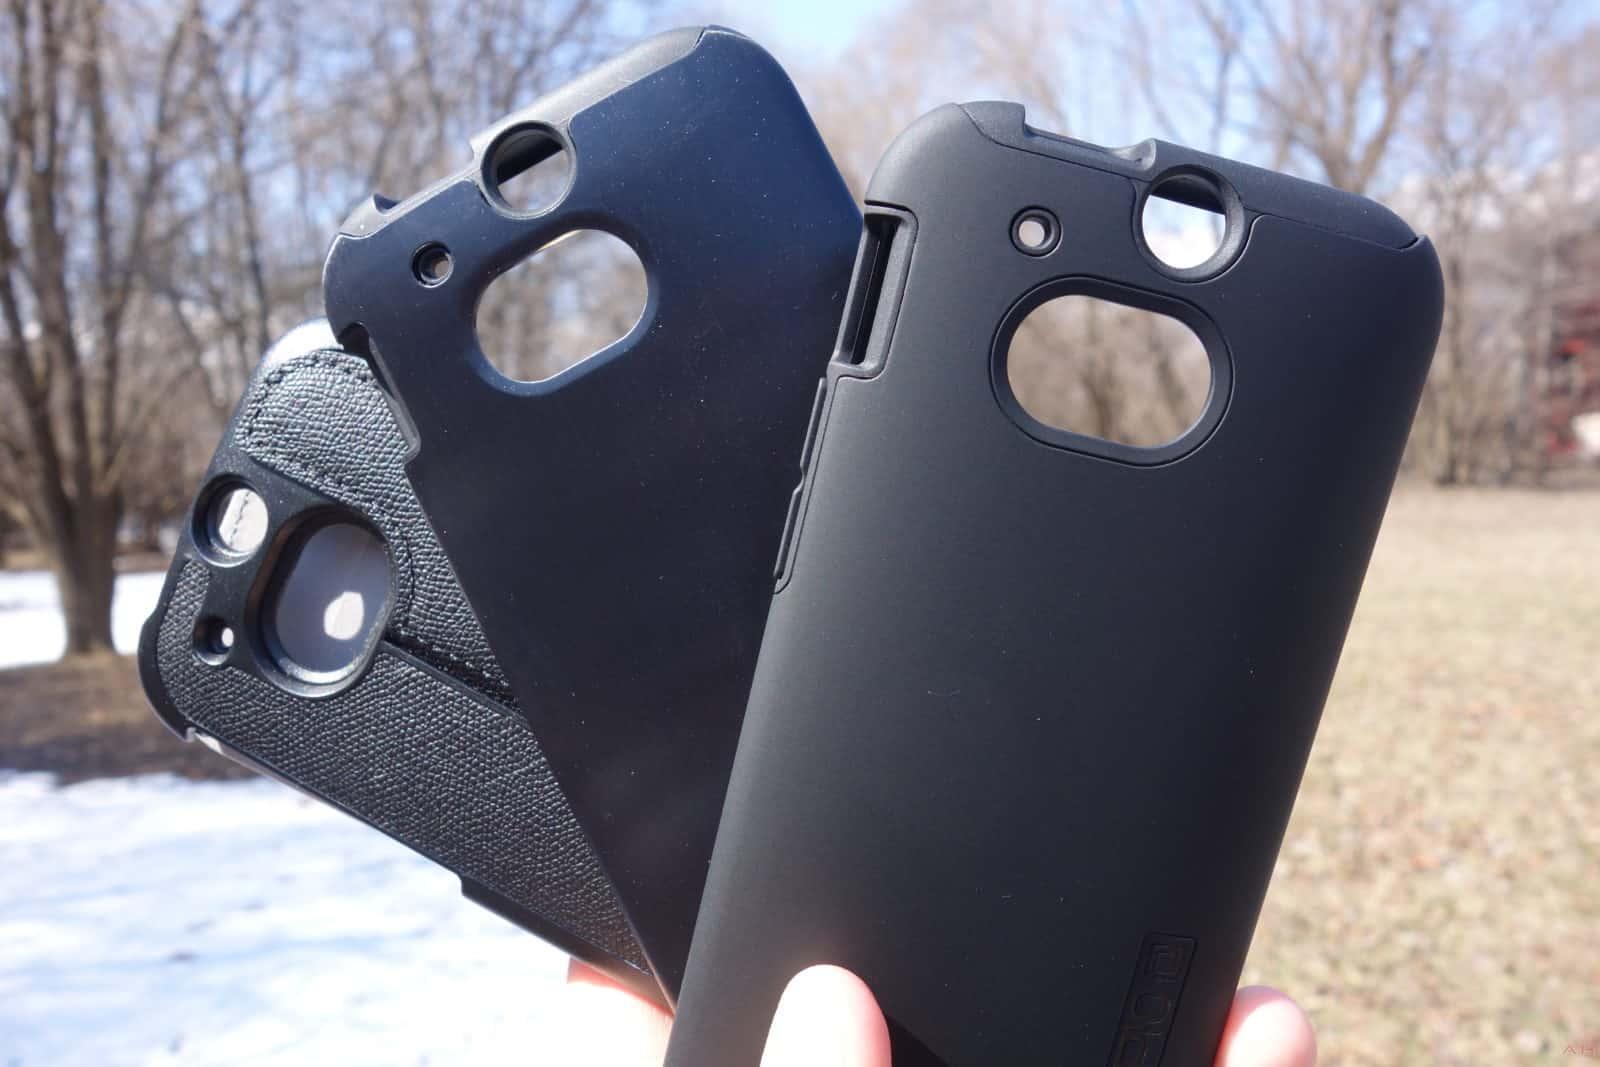 HTC-One-M8-Incipio-Cases